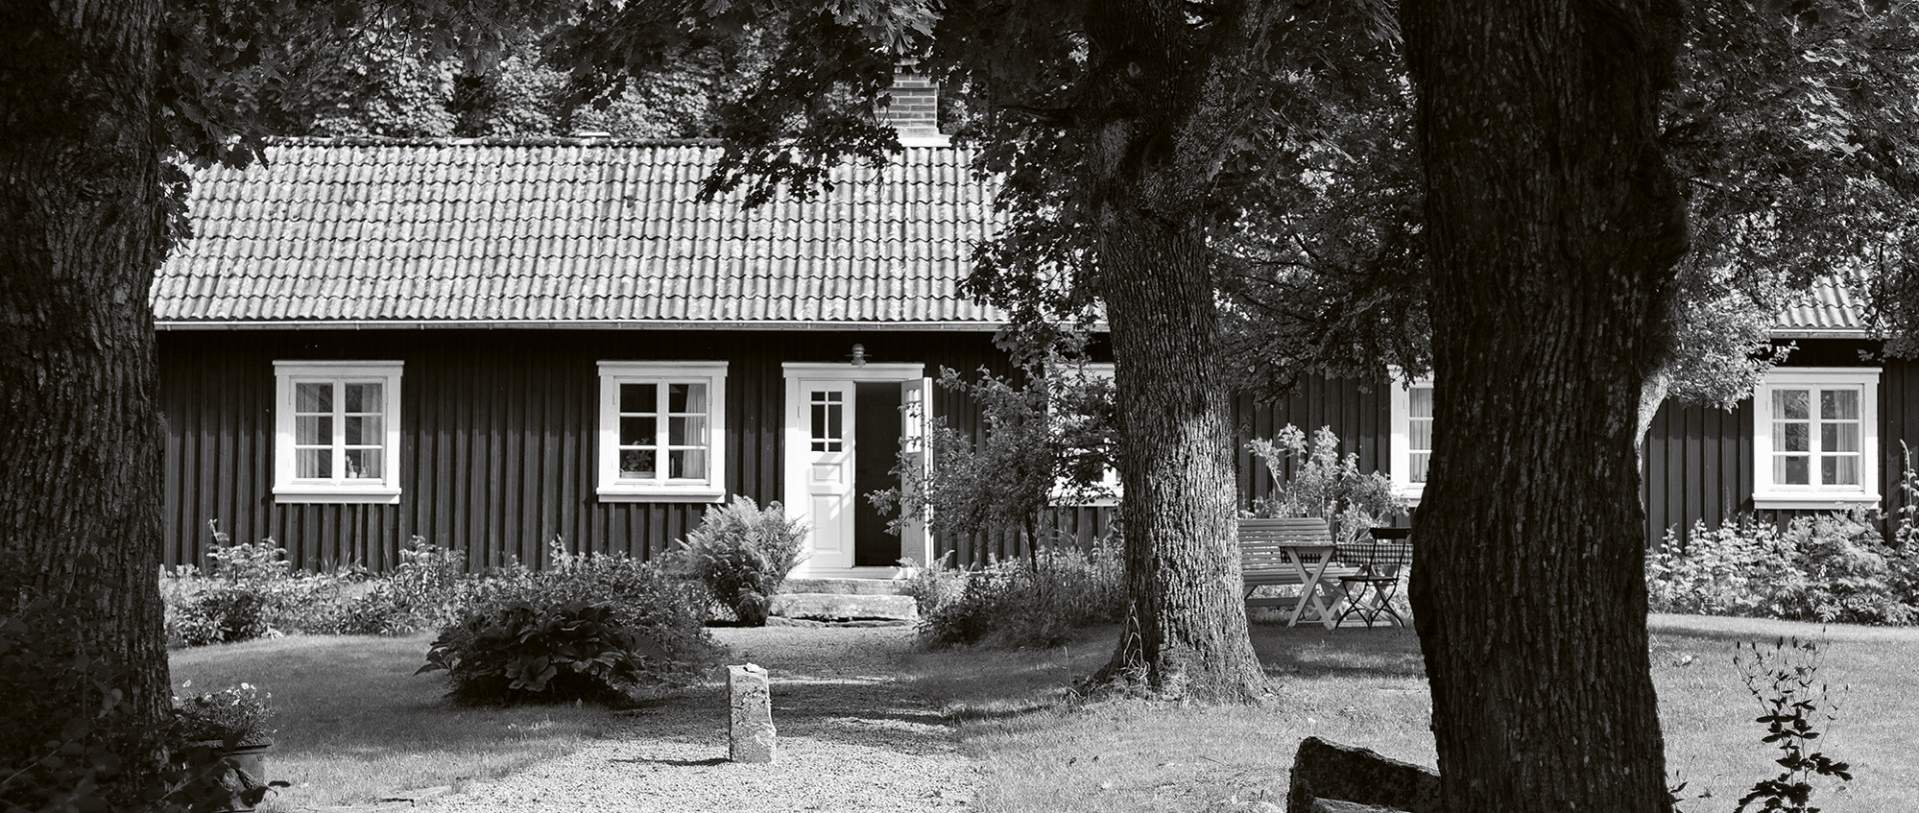 Bitterna, Sverige